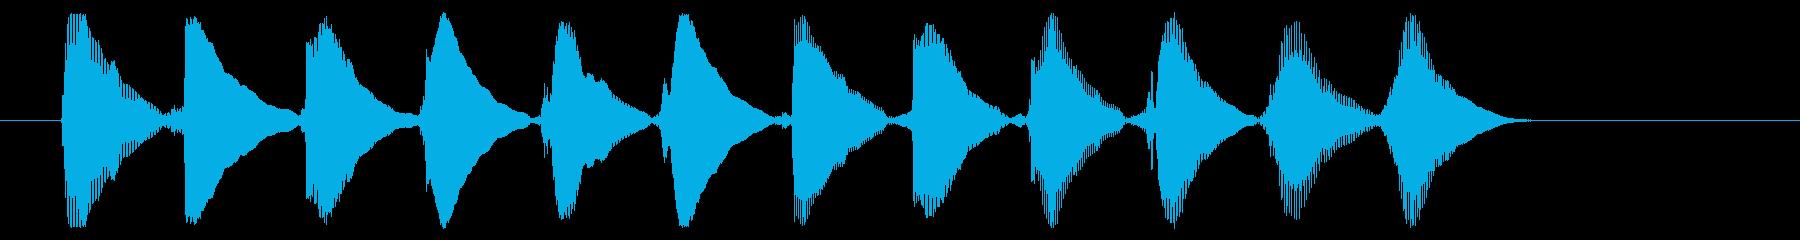 8ビット風システム音-16-5_dryの再生済みの波形